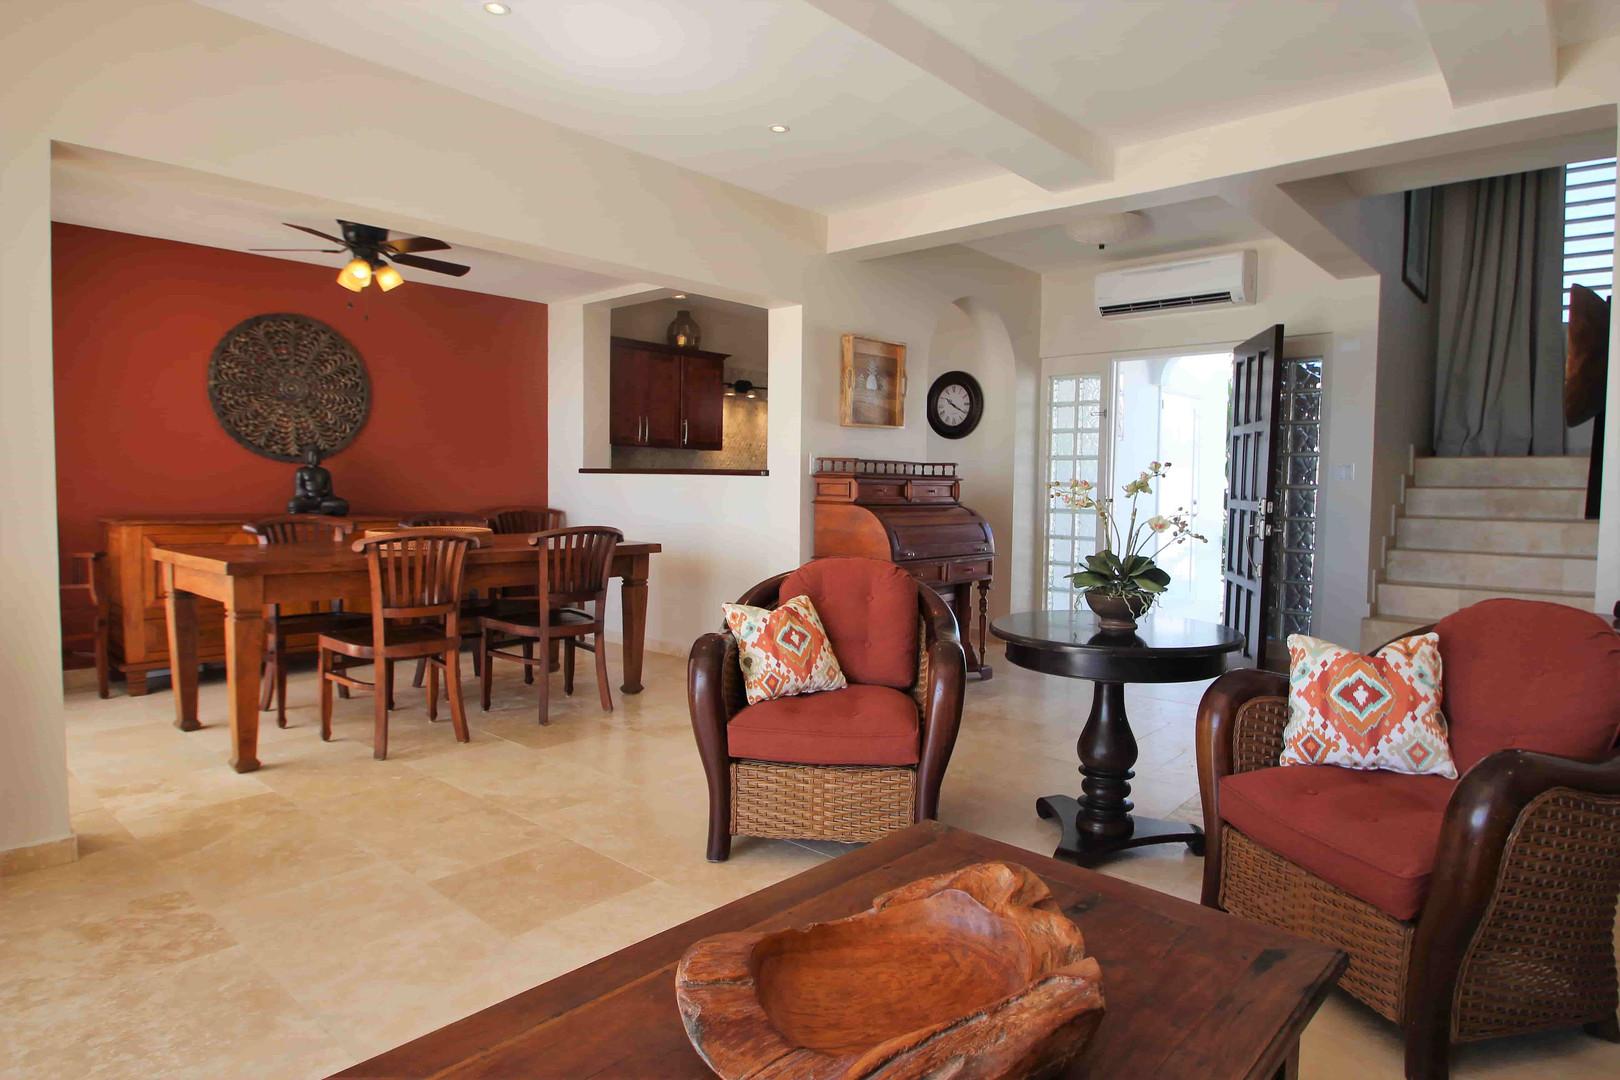 Villa Velaire Living Room View 1 LR.JPG